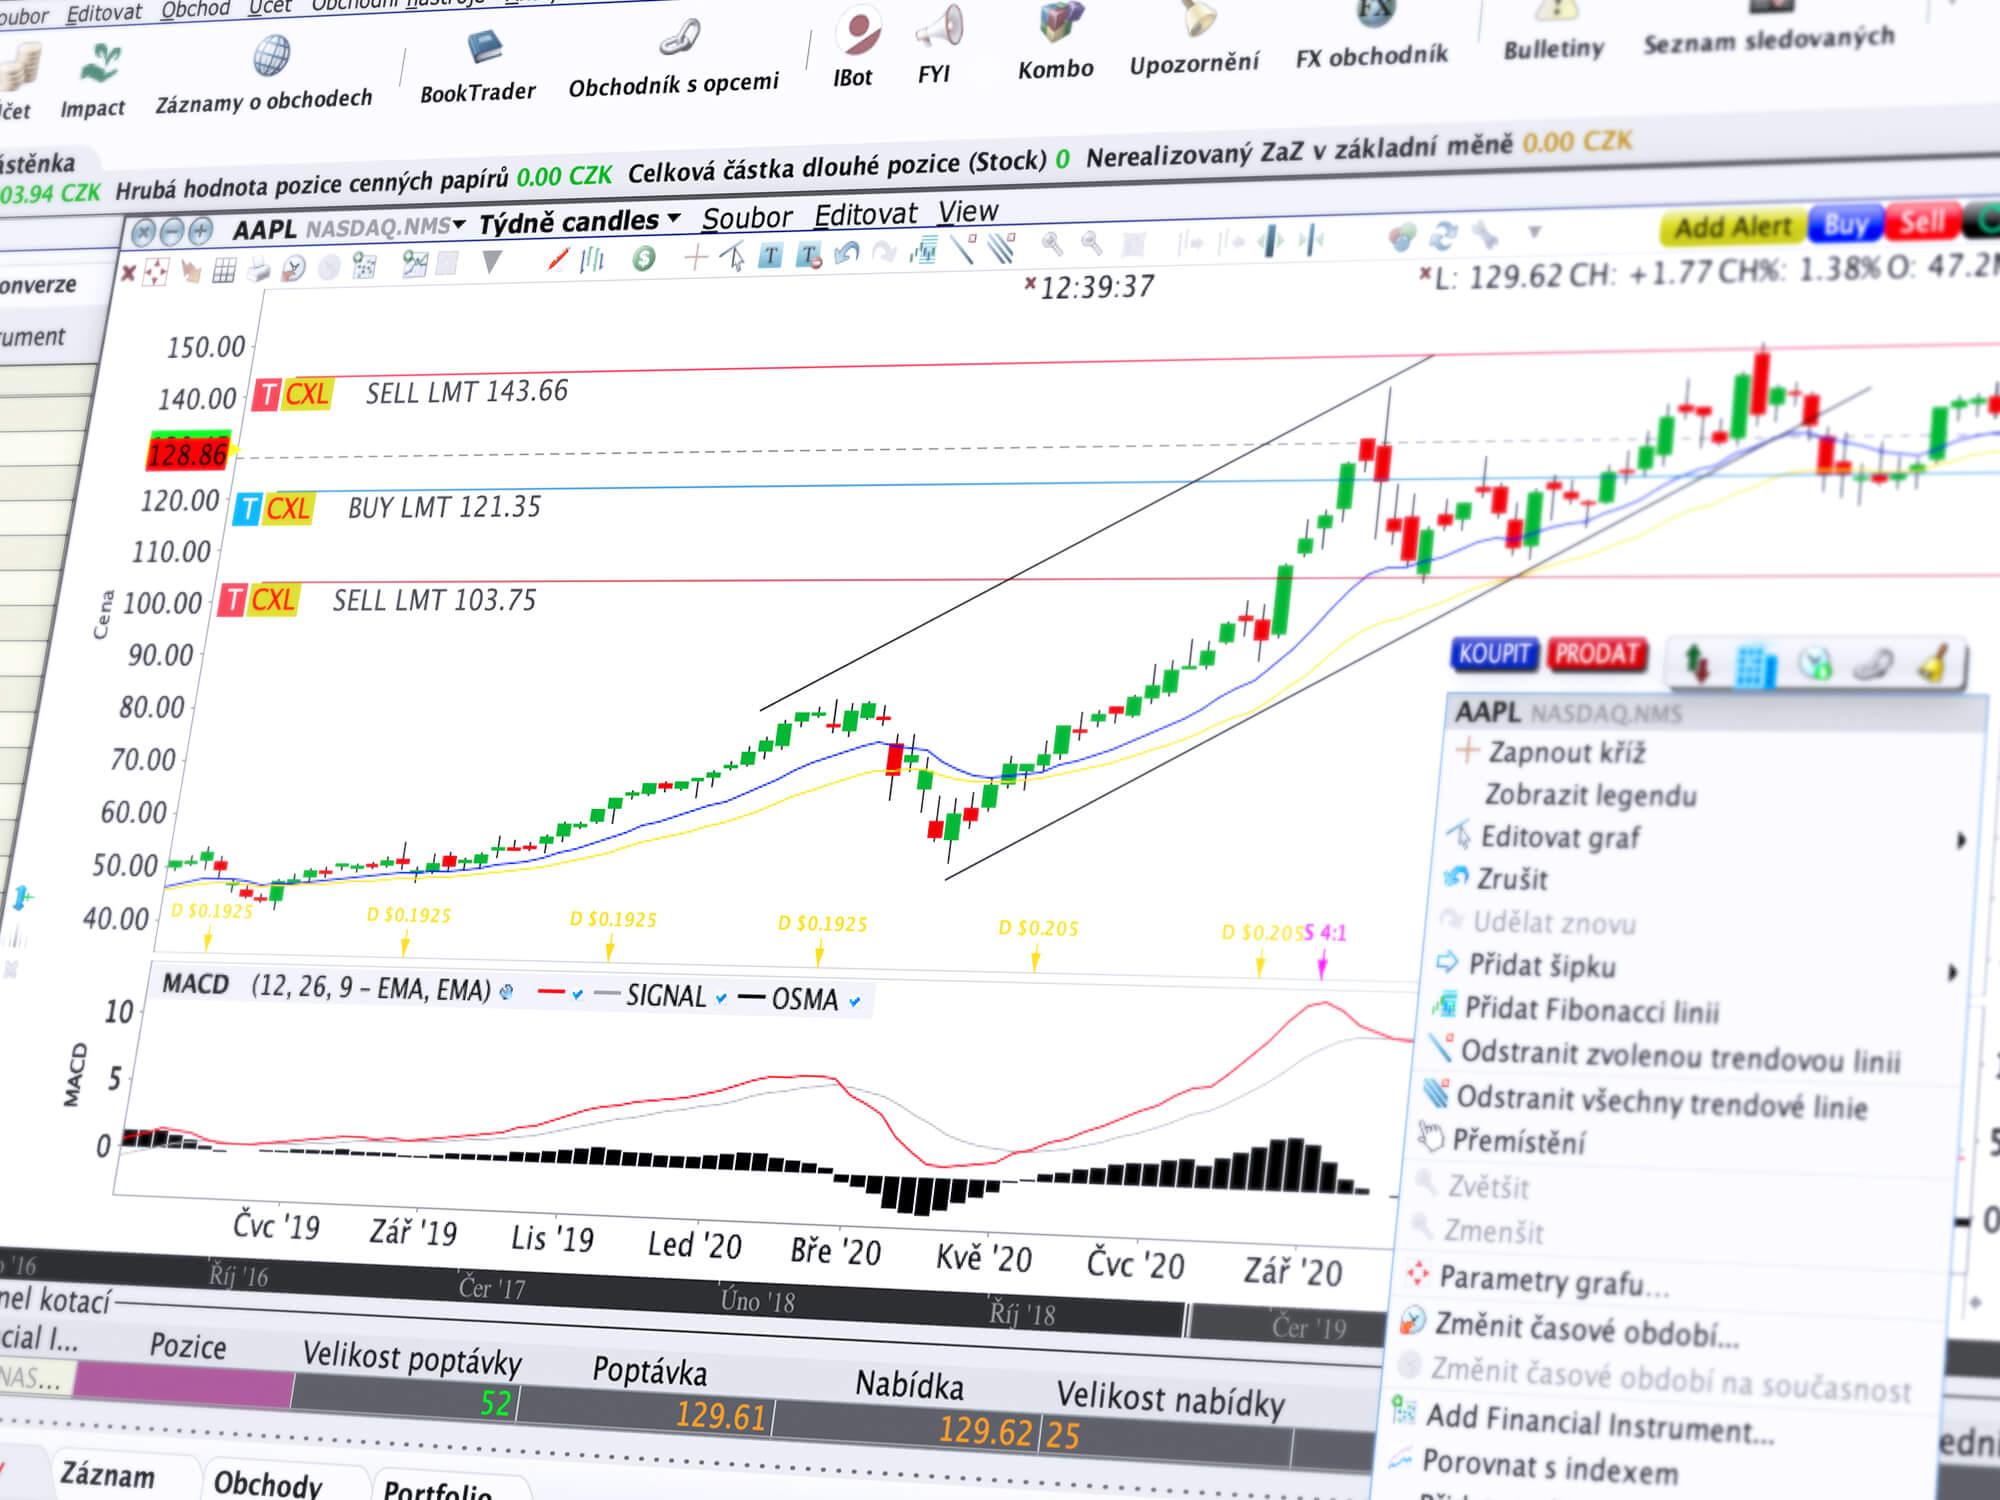 Detail obchodního nástroje ChartTrader s cenovým grafem s indikátorem MACD a zadanými obchodními příkazy